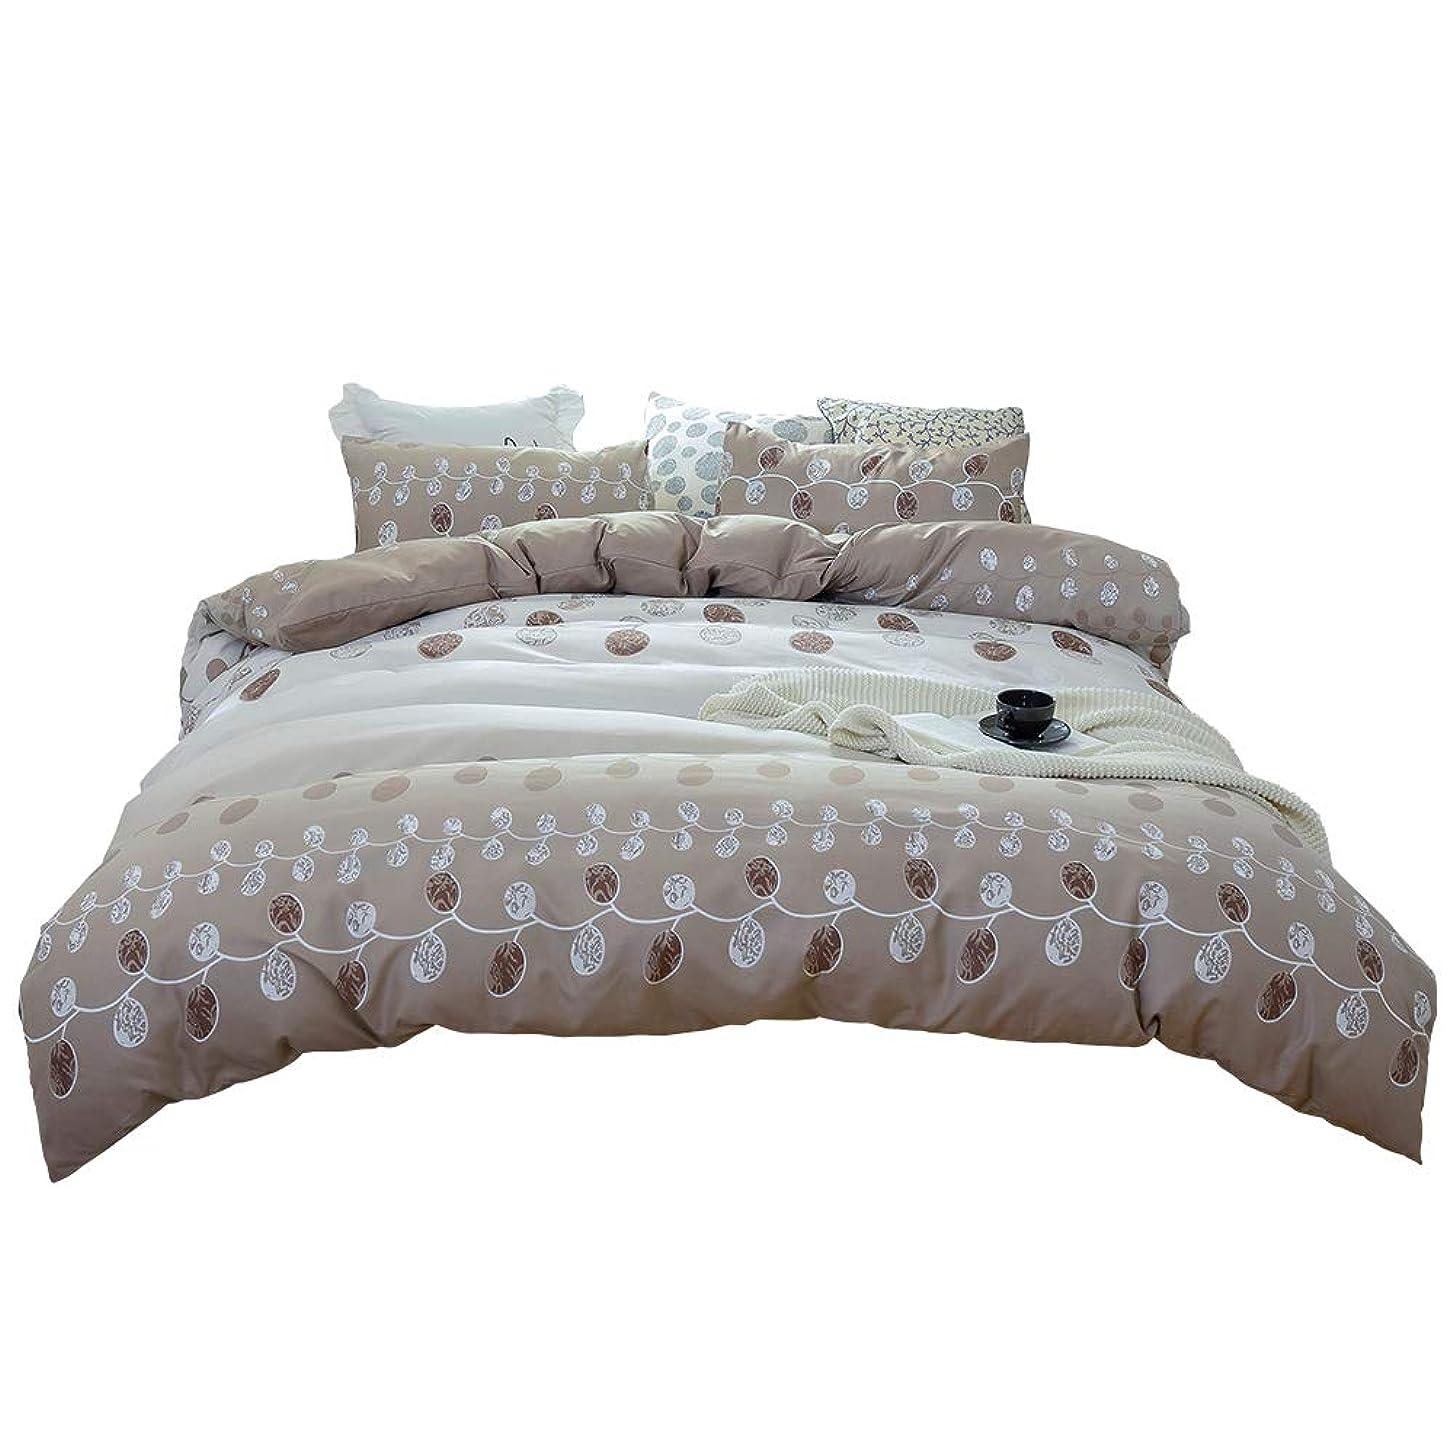 想像力港舌MH MYLUNE HOME 布団カバー セミダブル 4点セット 寝具カバーセット マイクロファイバー 防ダニ ボックスシーツ ベッド用 洗える ビロケース